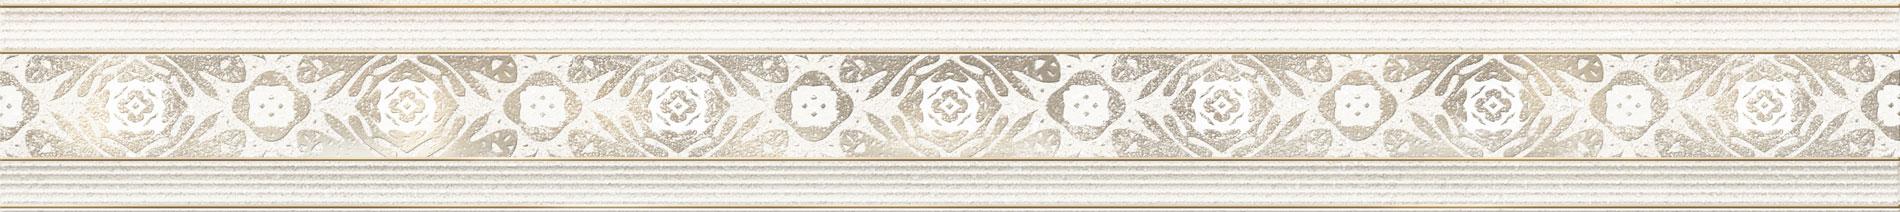 Бордюр настенный (60x600x9) Melange